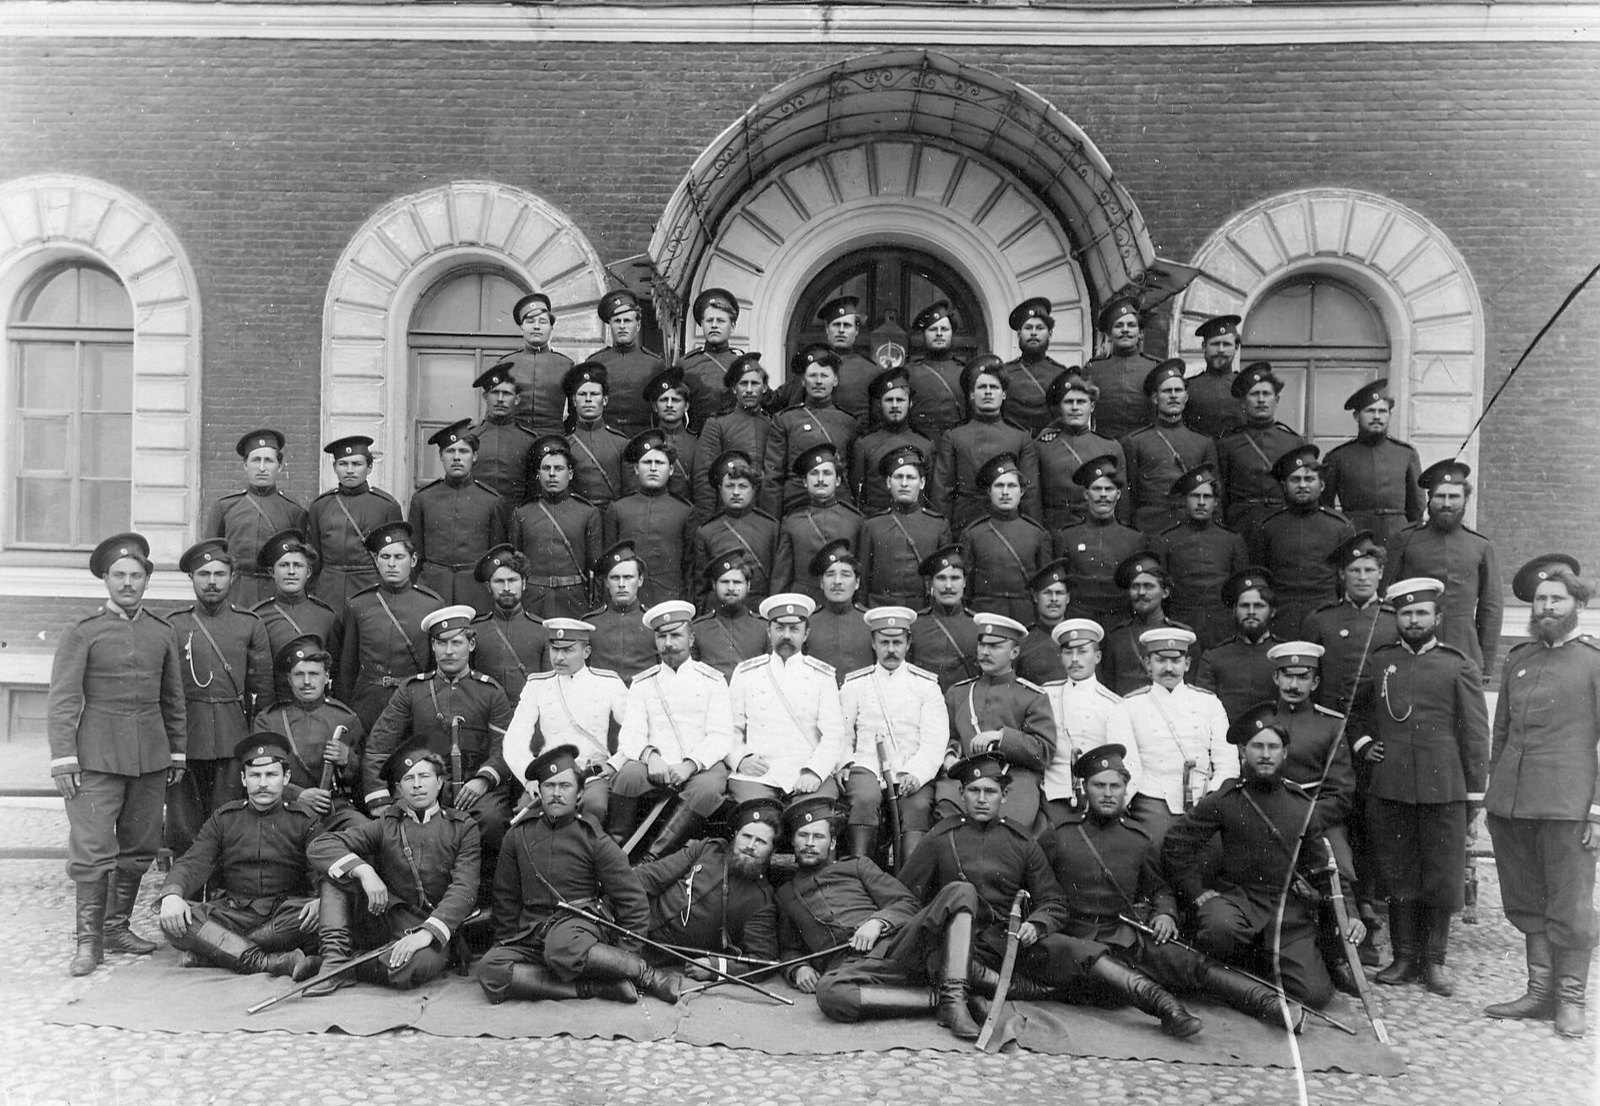 1914. Группа казаков и офицеров 4-ой Приамурской сотни лейб-гвардии Сводно-Казачьего полка